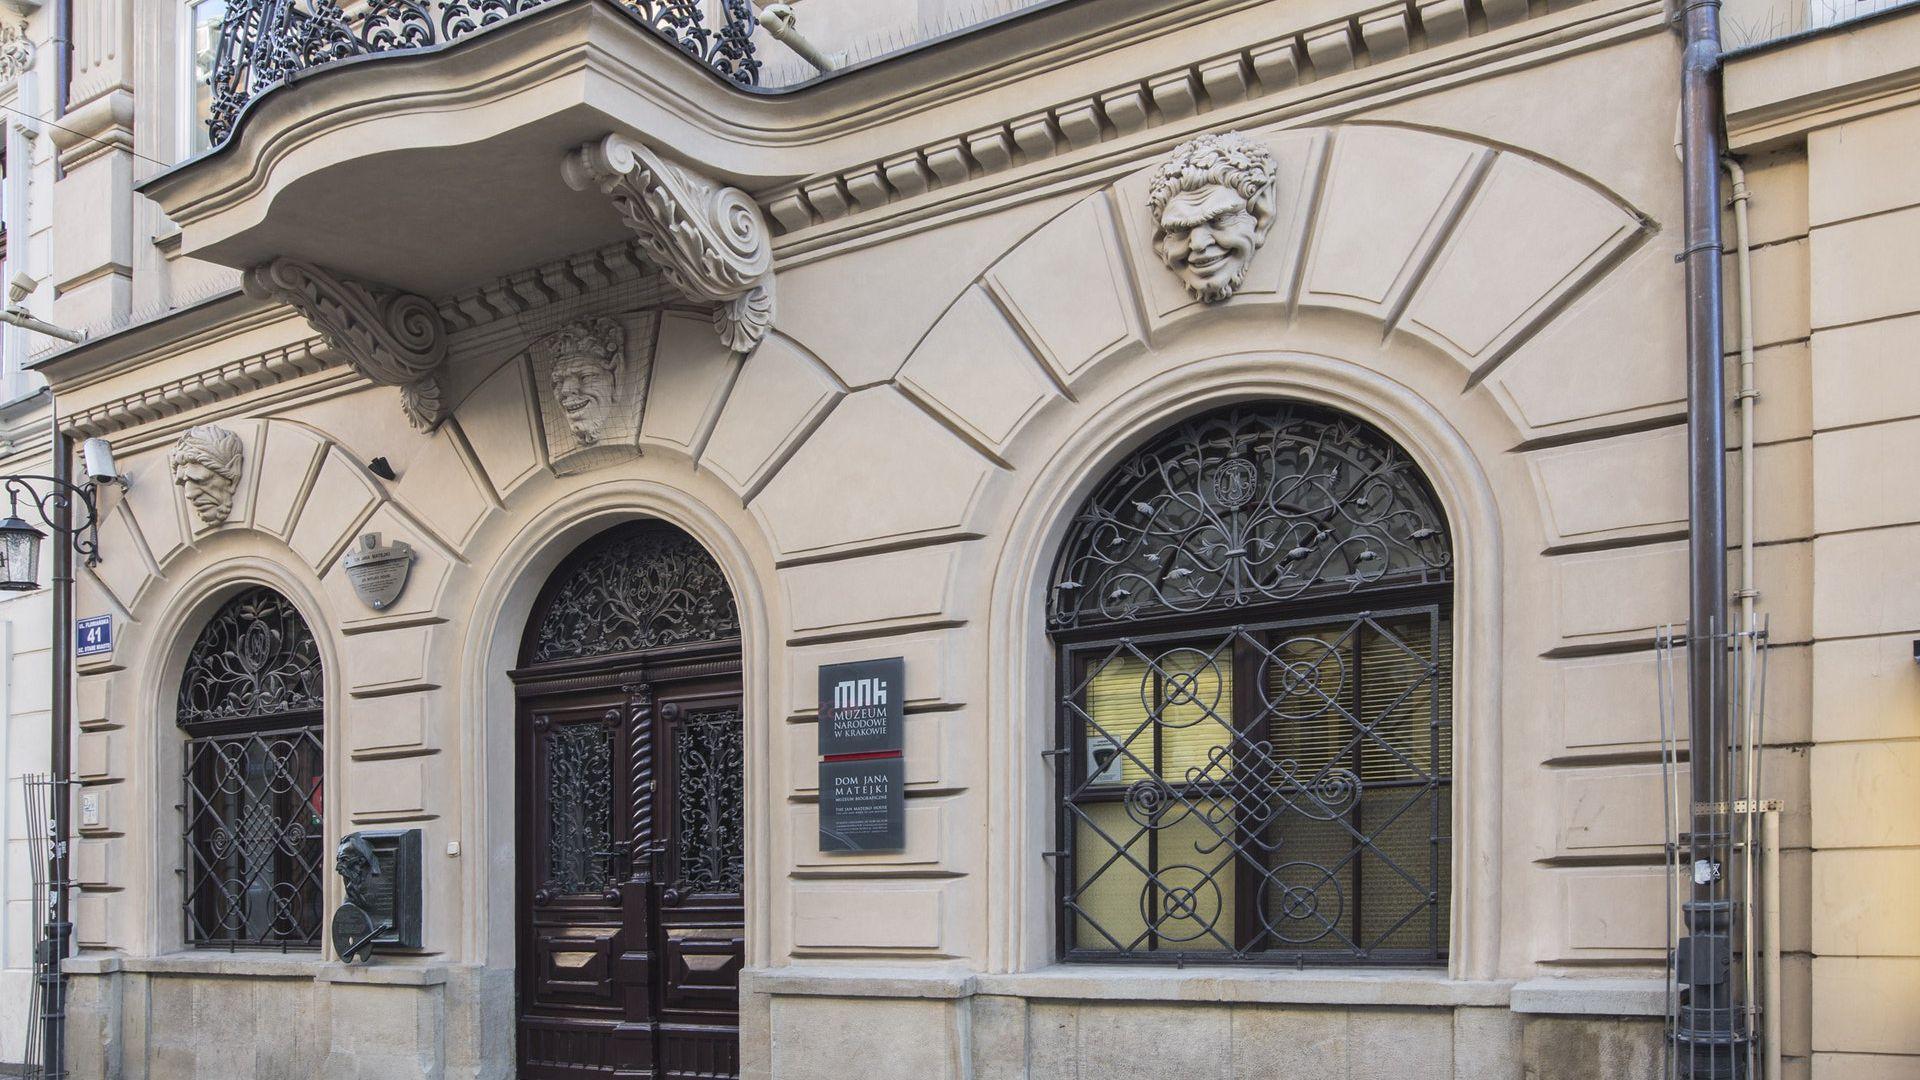 Biographical Museum of Jan Matejko